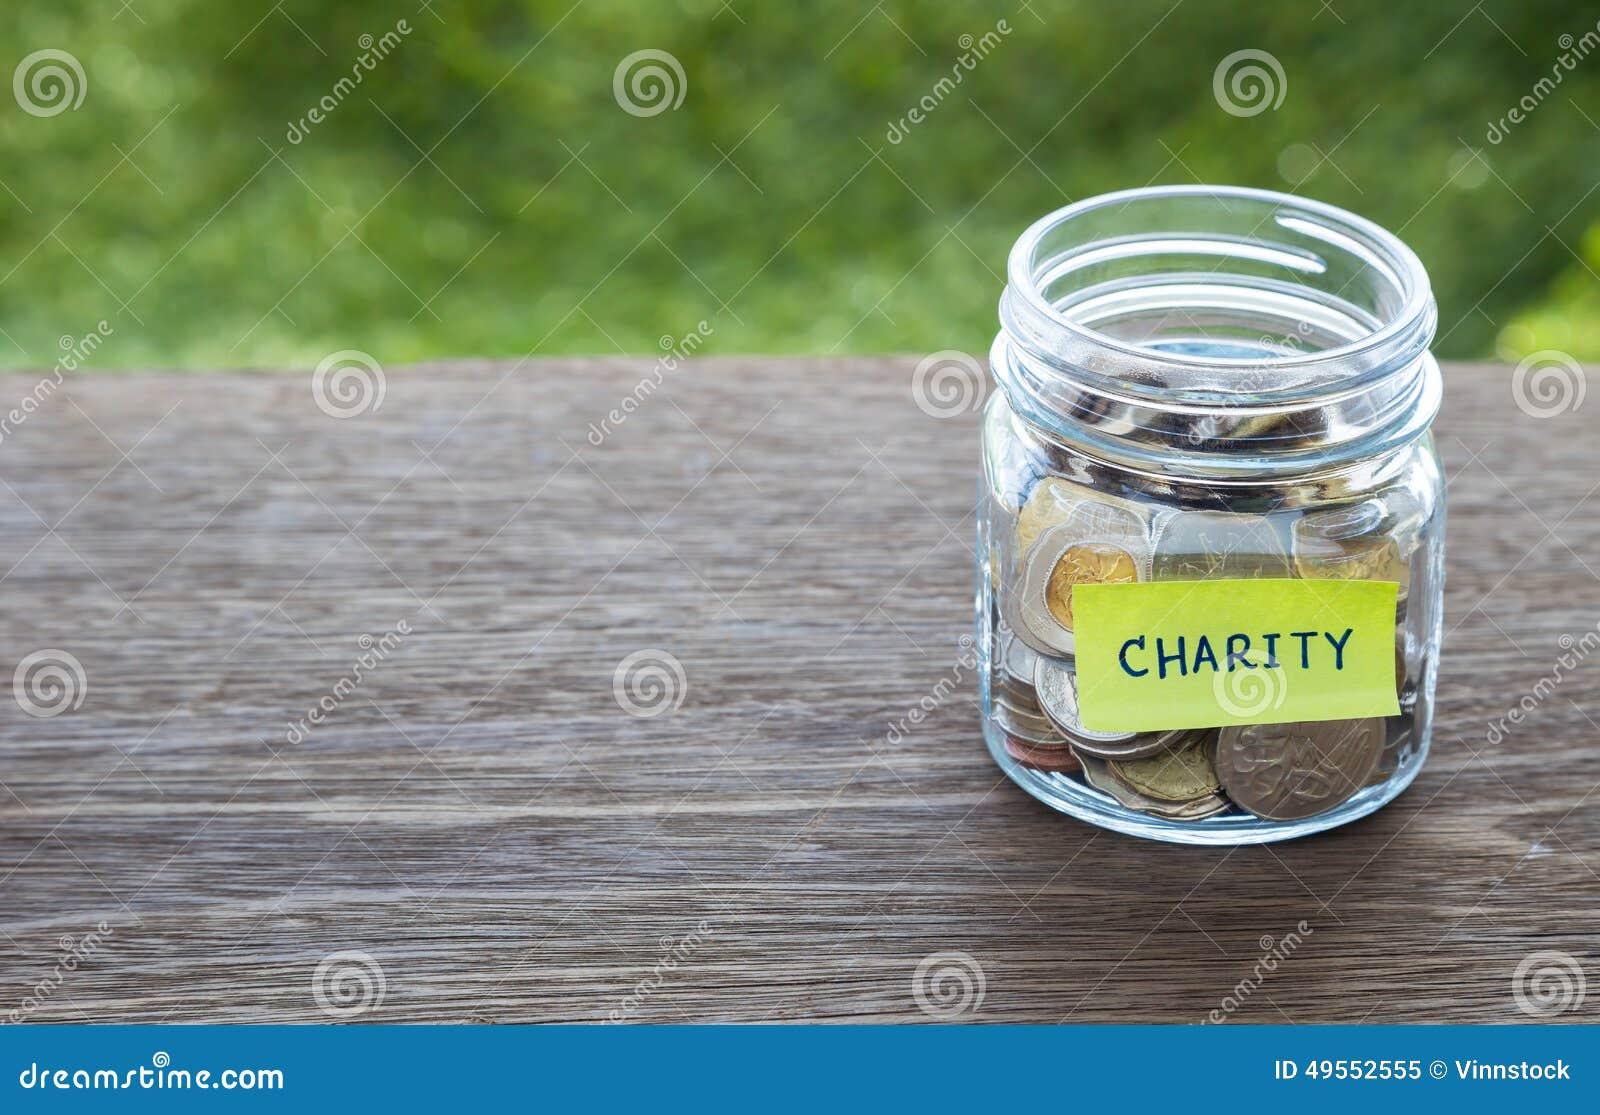 Nächstenliebespenden-Geldglasgefäß